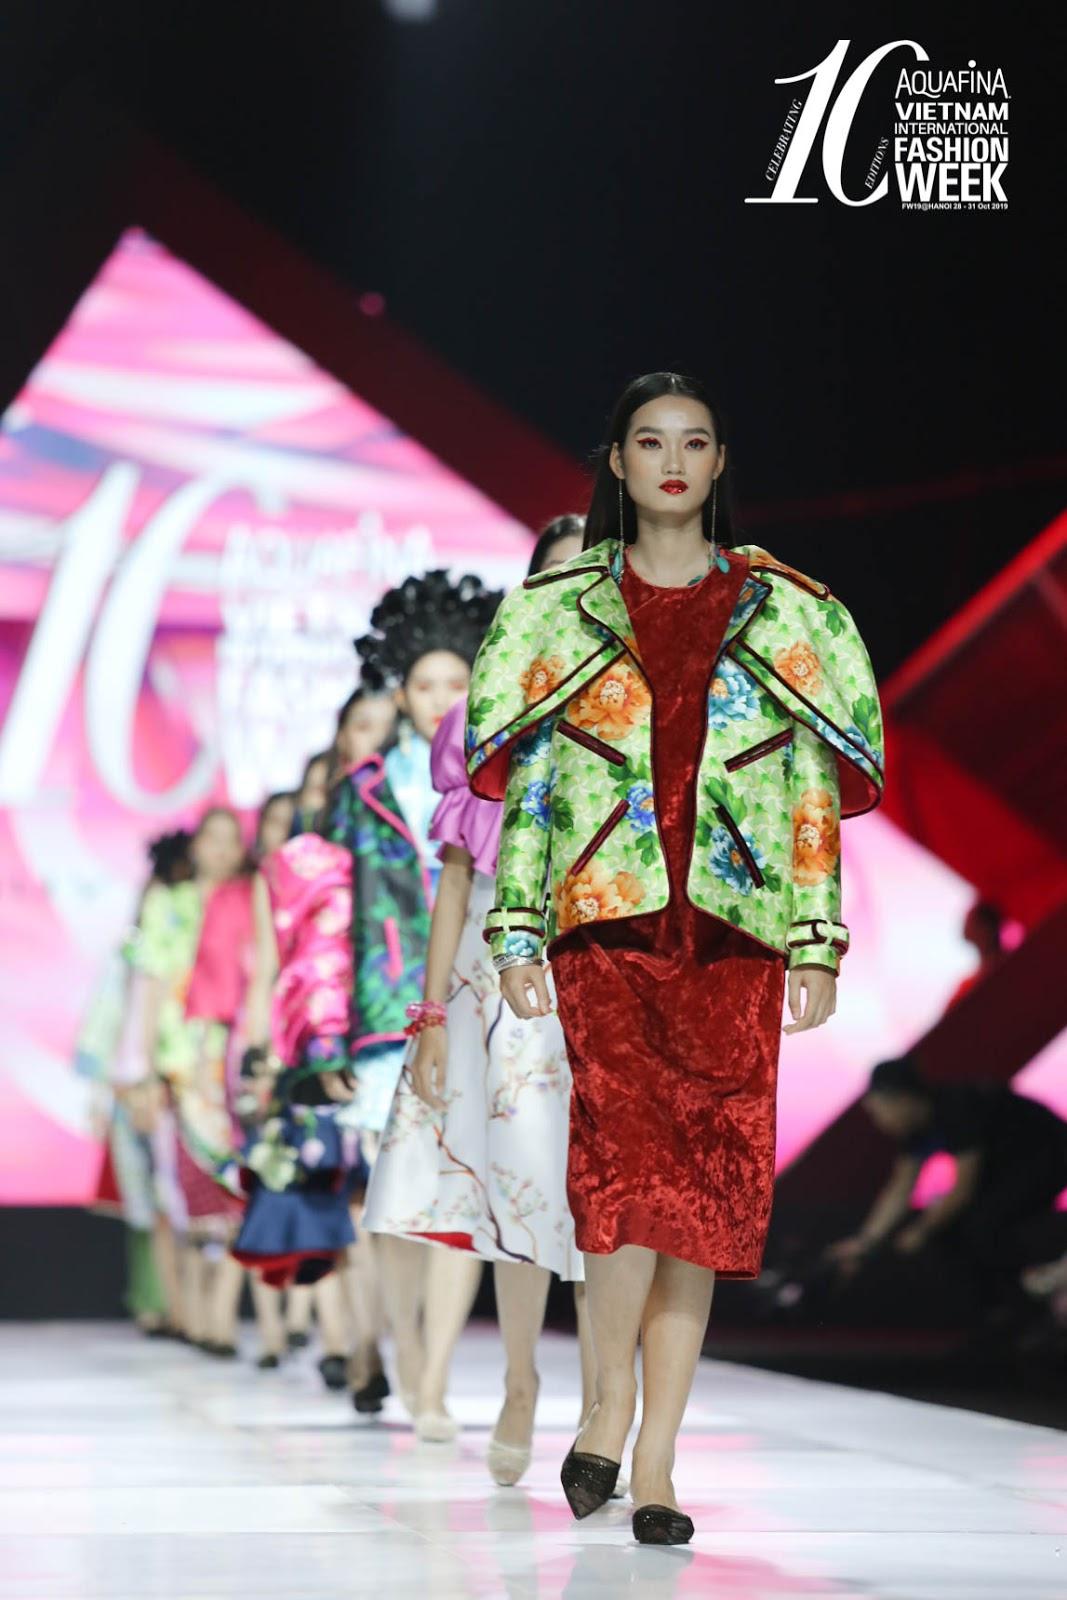 Vietnam International Fashion Week - Hành trình đưa nghành thời trang đến gần hơn với quốc tế - Hình 8